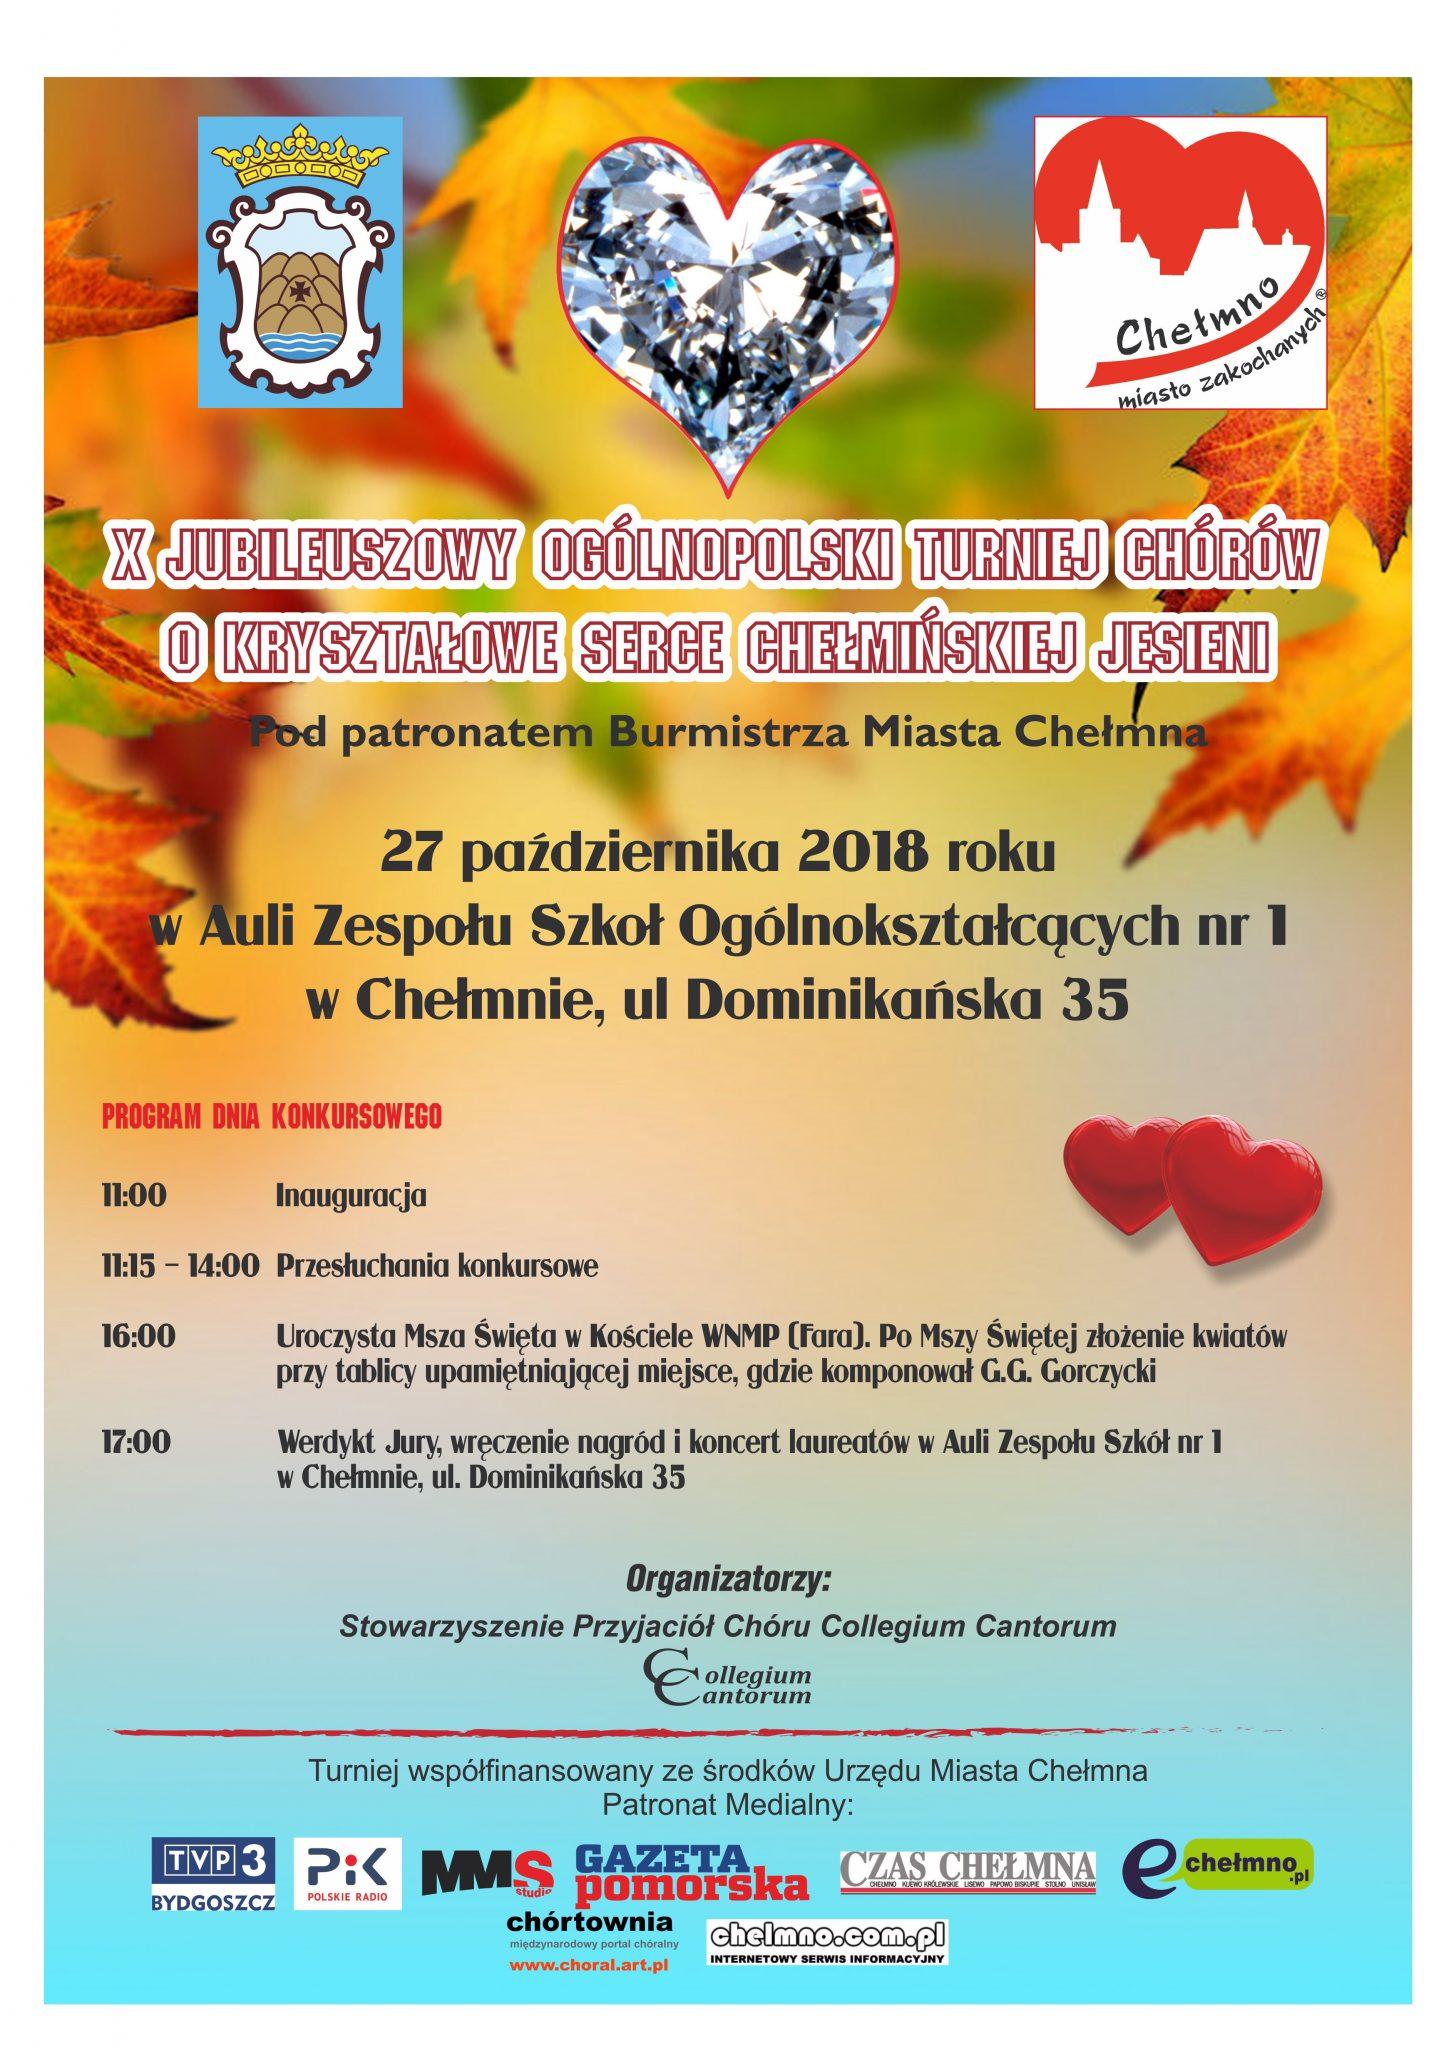 X Jubileuszowy Ogólnopolski Turniej Chórów o Kryształowe Serce Chełmińskiej Jesieni